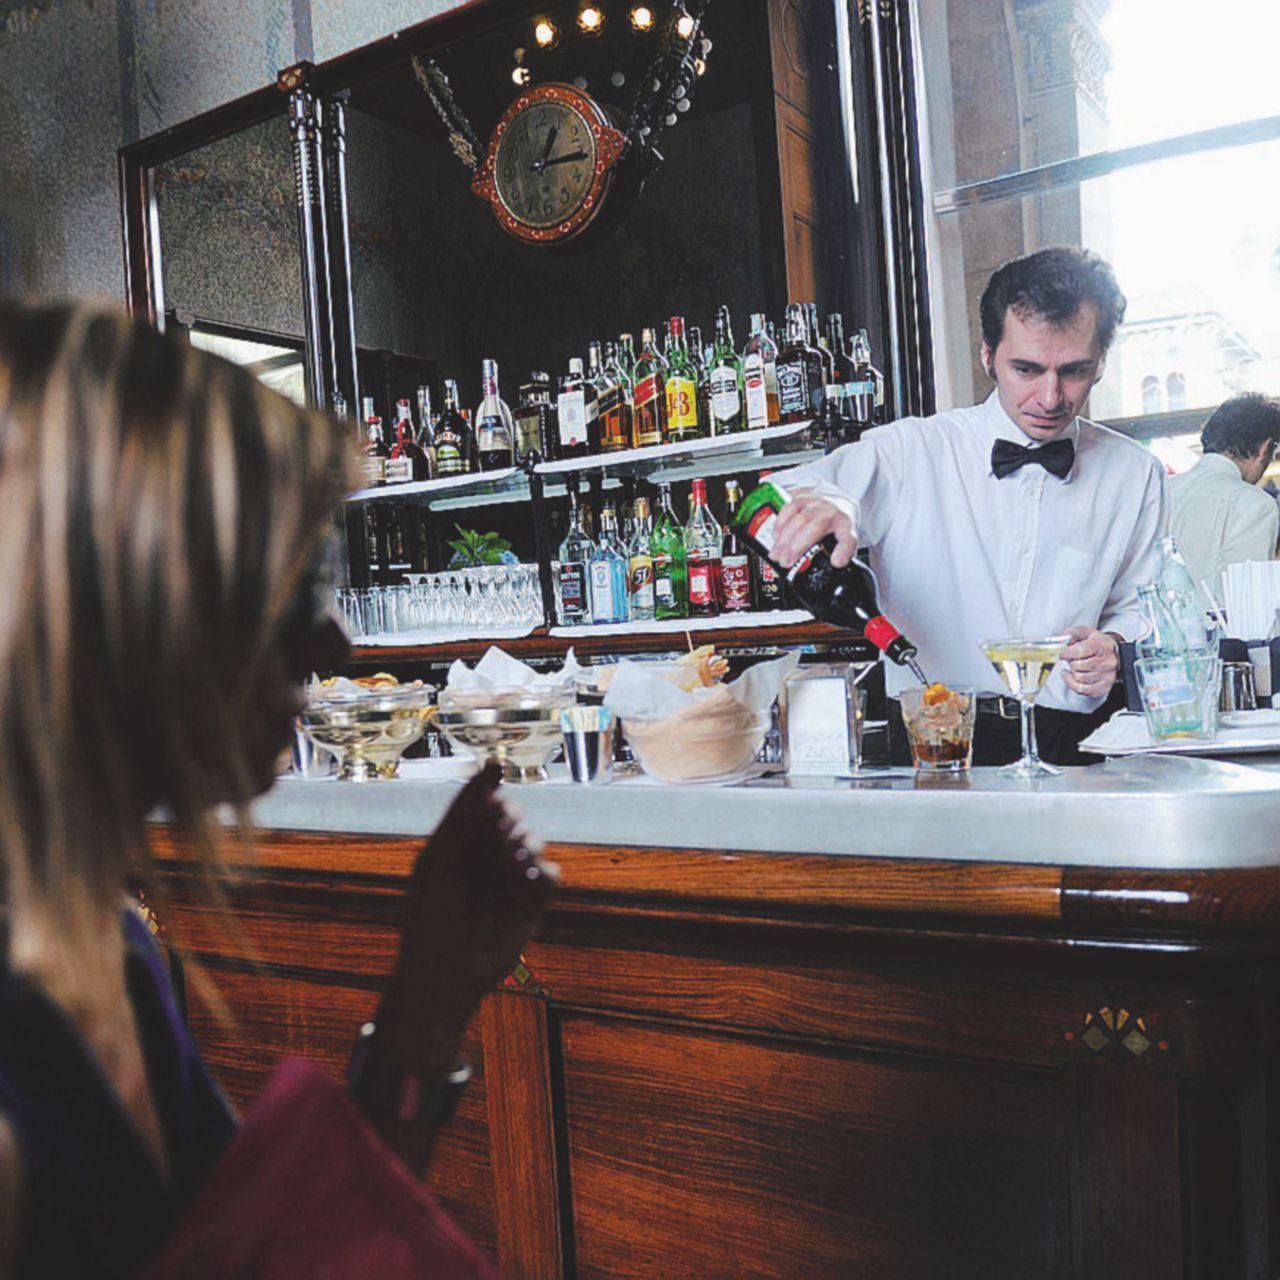 Il tovagliolino da bar, l'inutilità alle estreme conseguenze